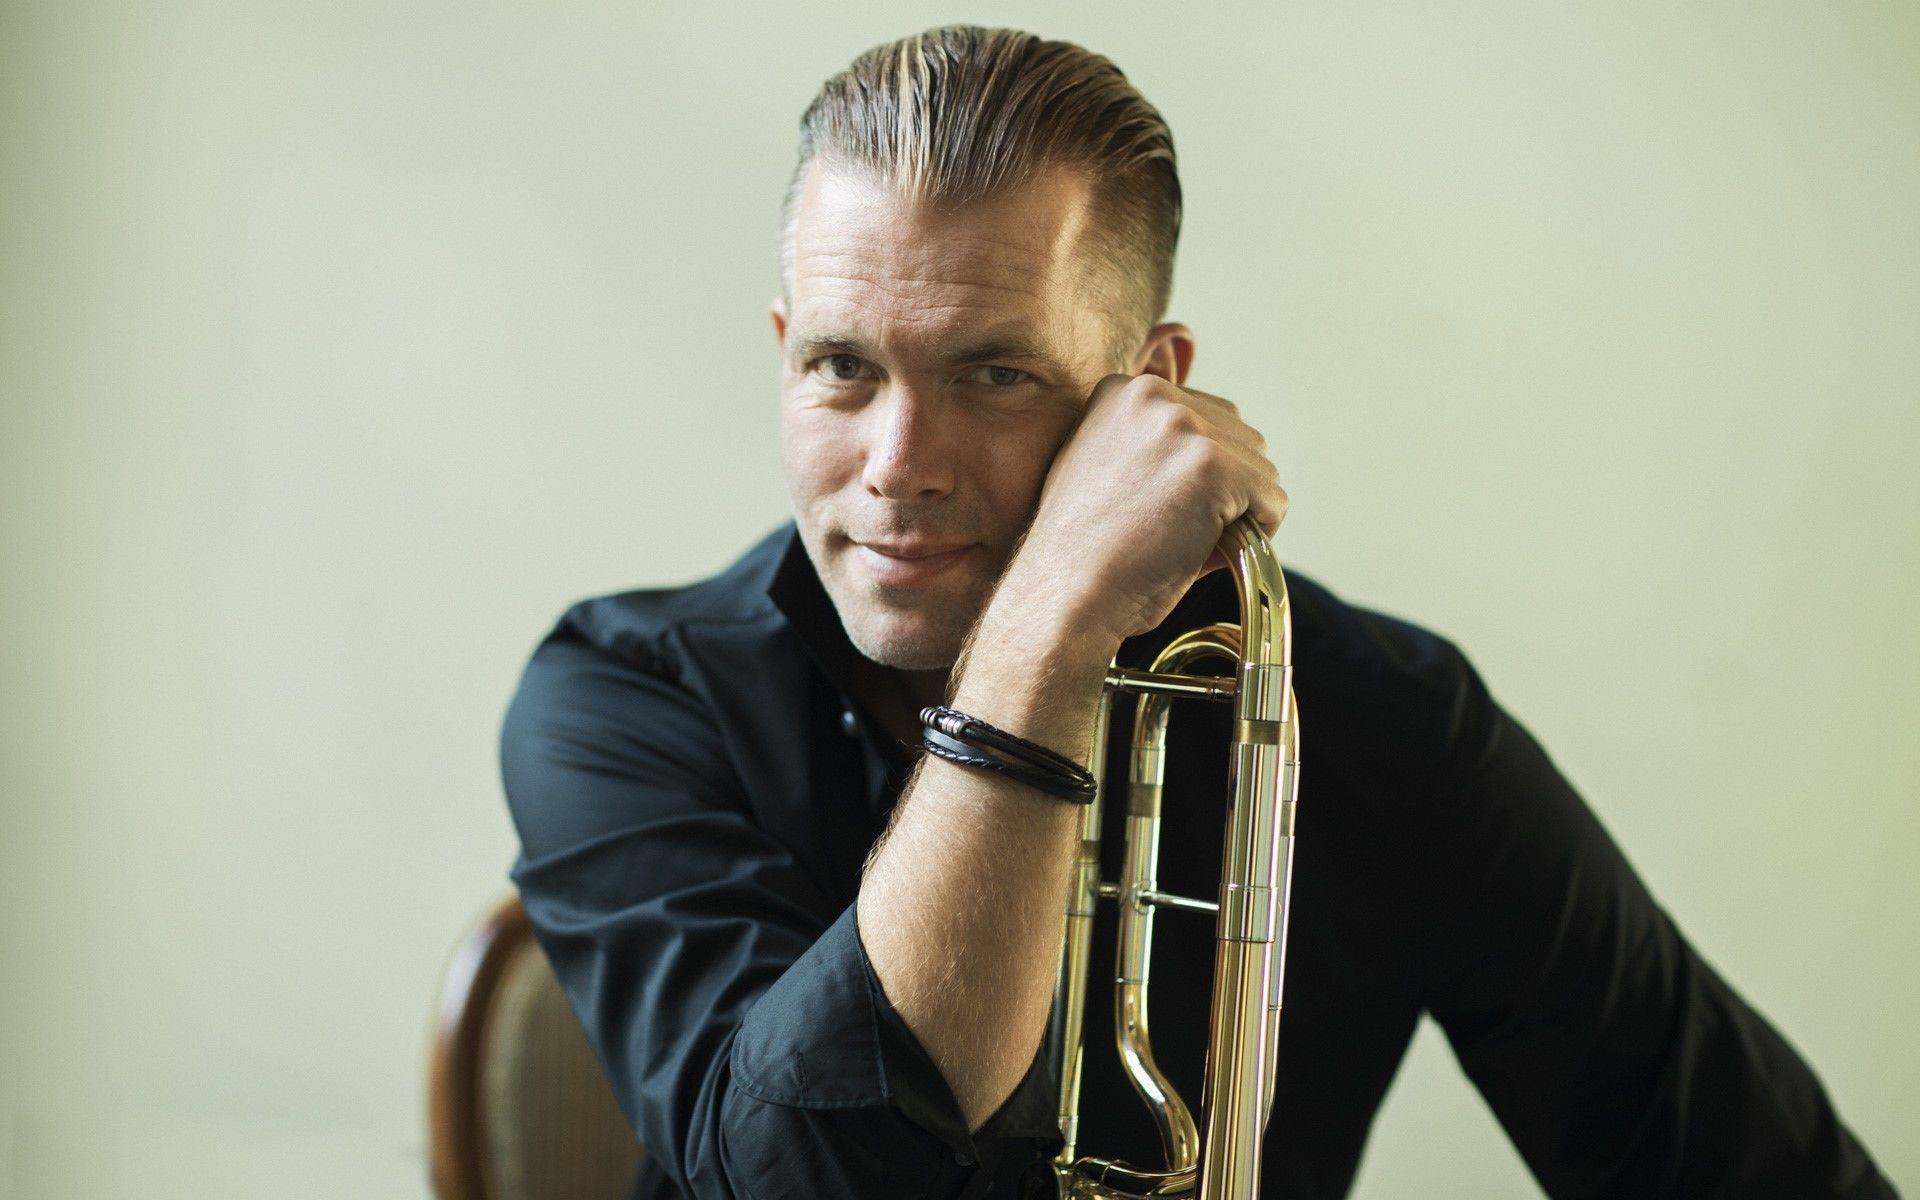 Mitglied der Staatsbad Philharmonie Kissingen, Roman Riedel